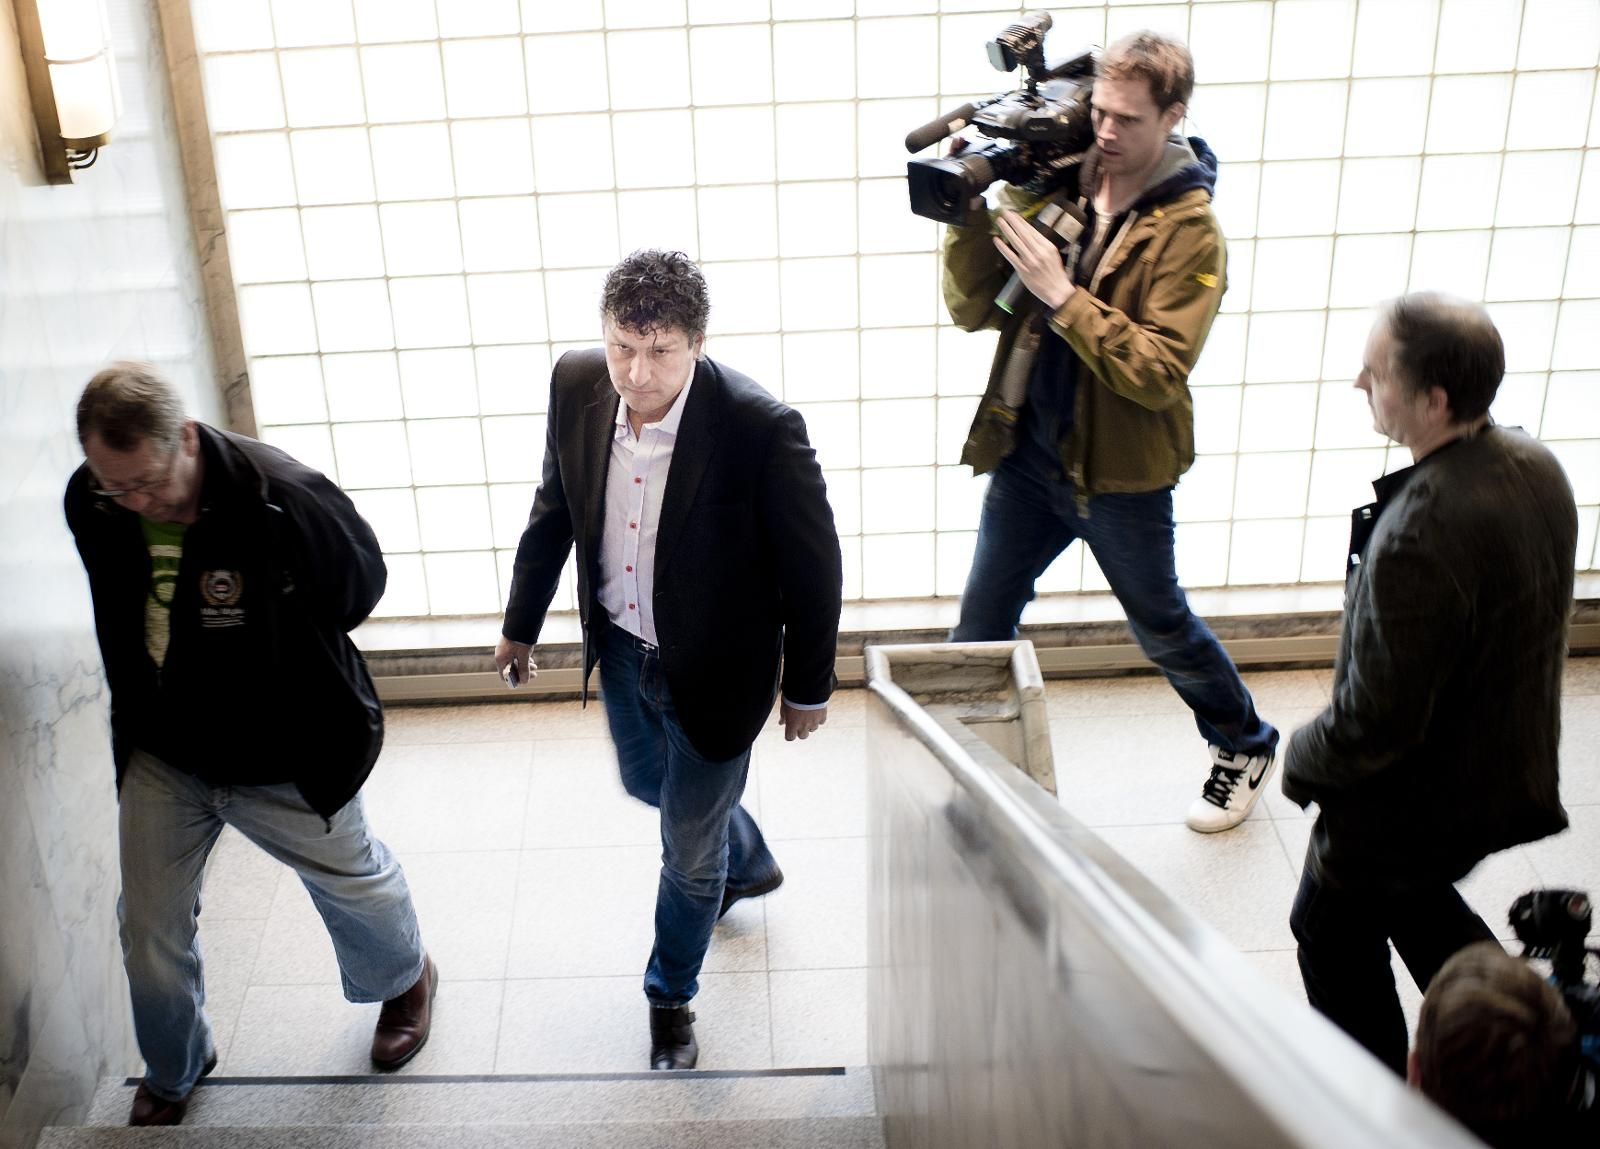 bffa07e9 Forretningsimperiet som falt i grus - Stavanger Aftenblad